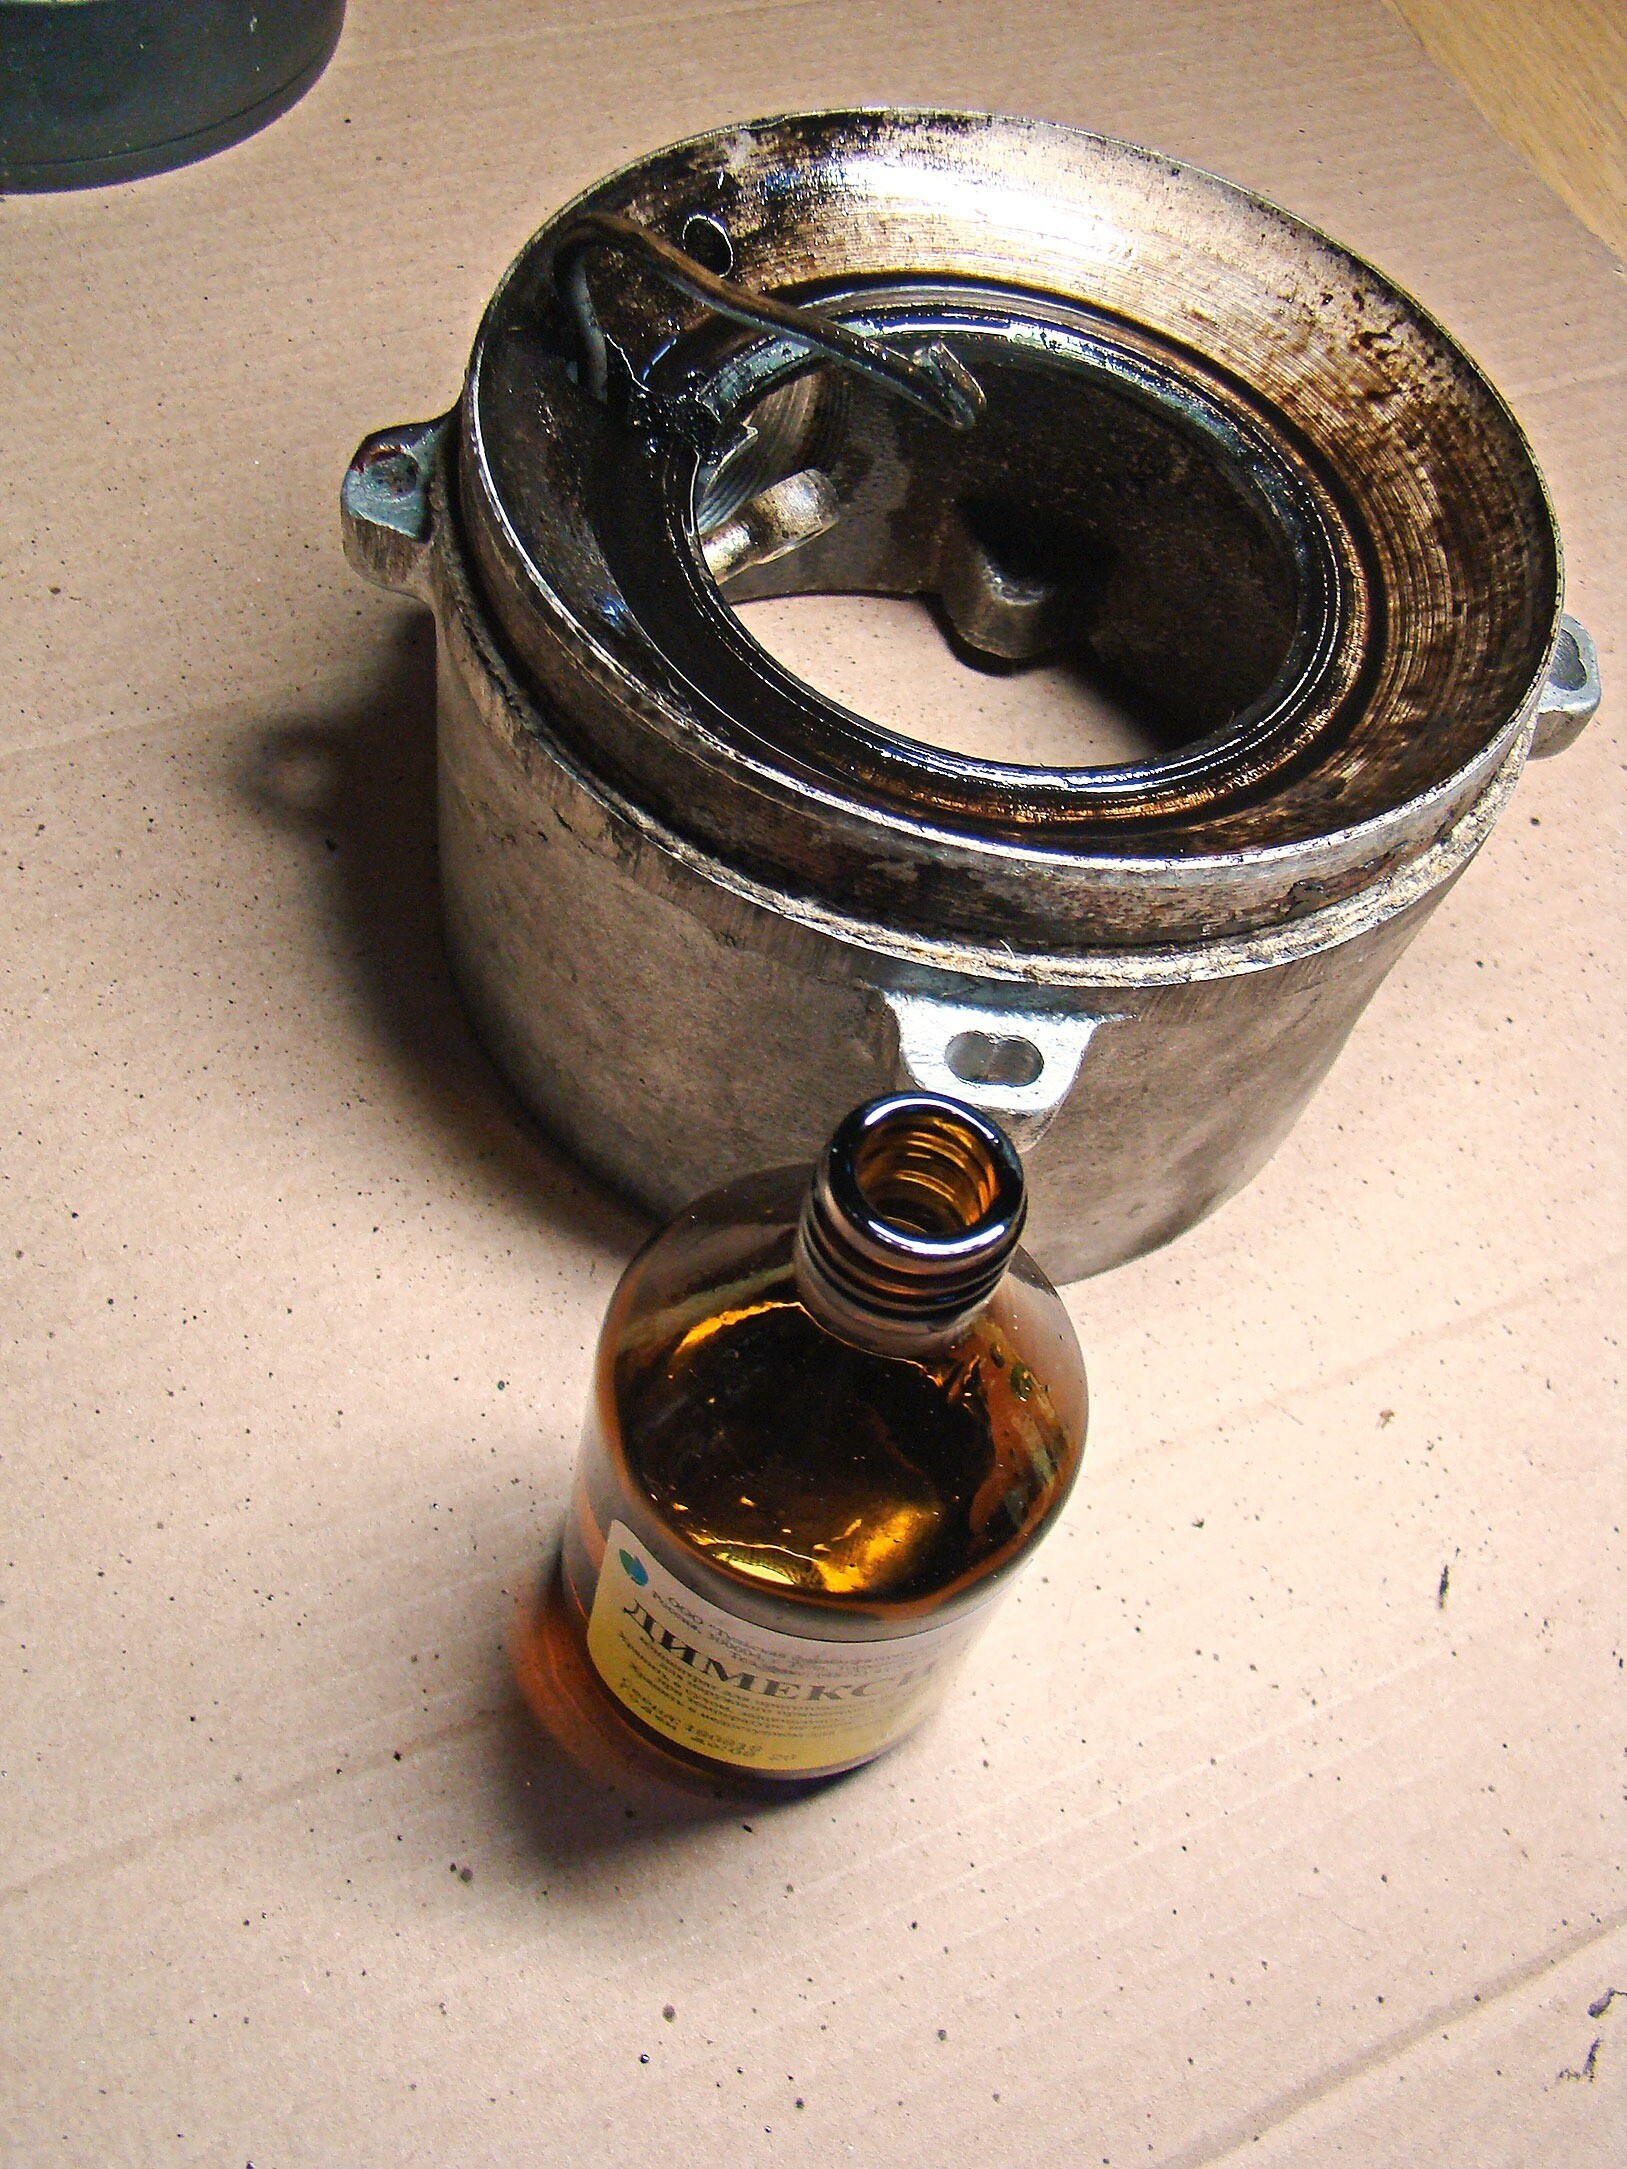 Тестируем димексид: можно ли с его помощью удалить нагар и монтажную пену